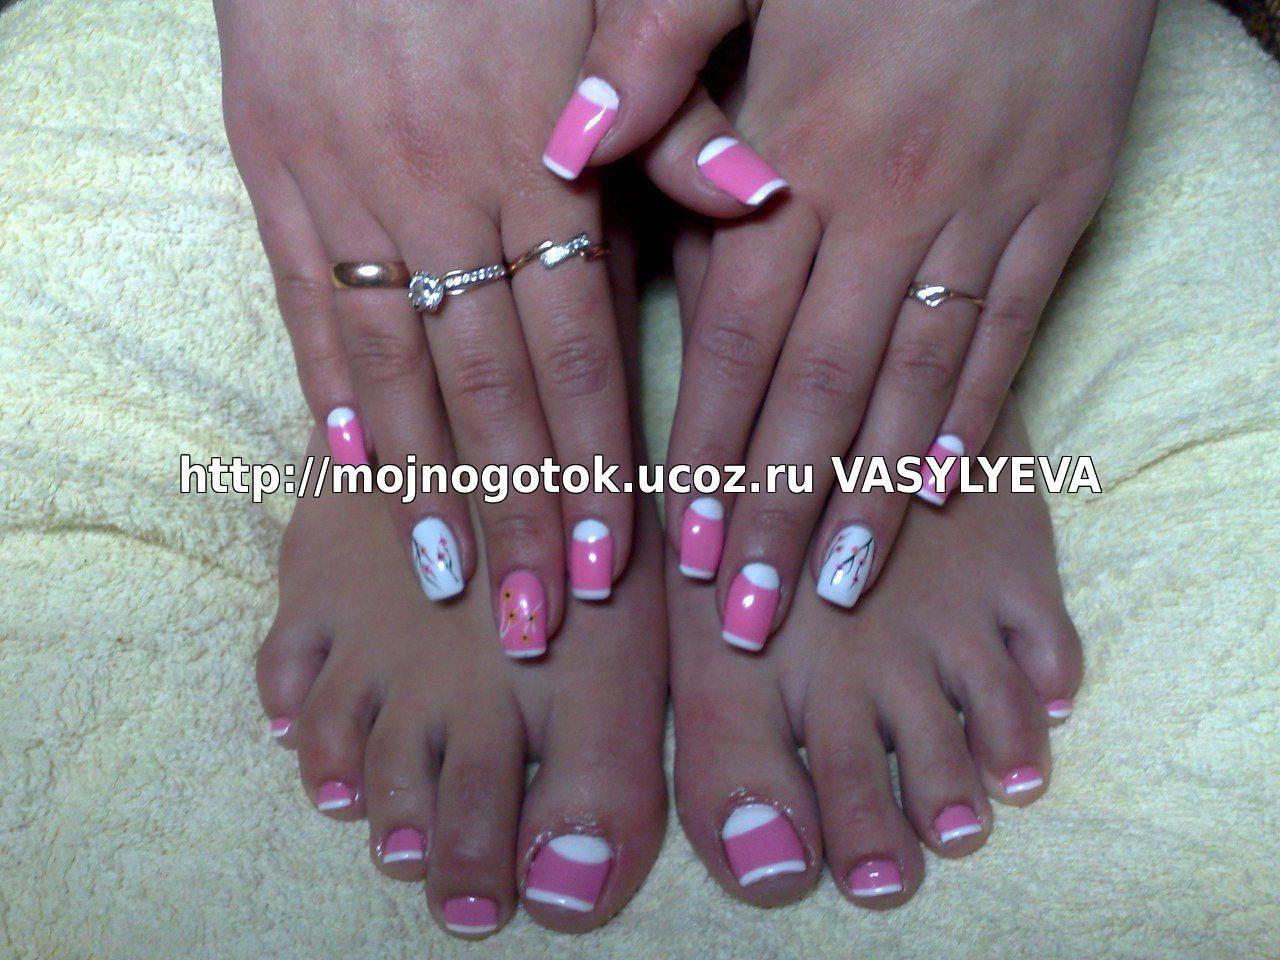 Маникюр и педикюр розовый с френчем